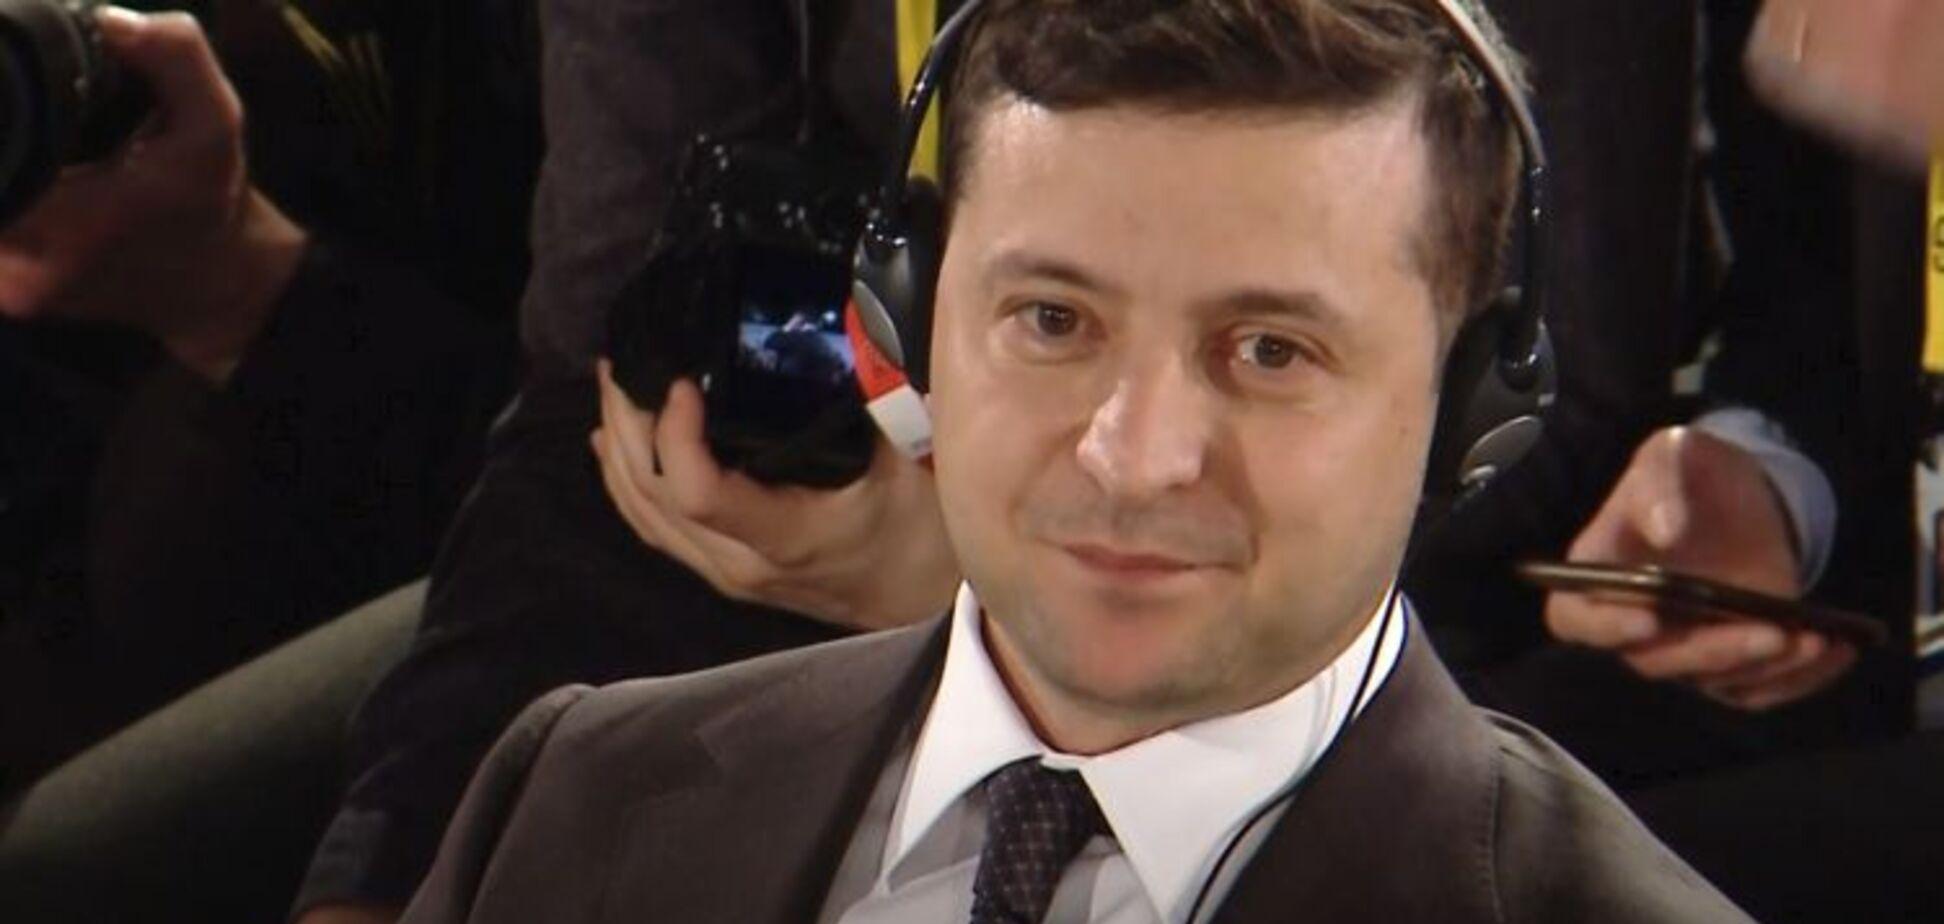 'Я в цьому впевнений': Зеленський сказав, коли закінчиться війна з Росією